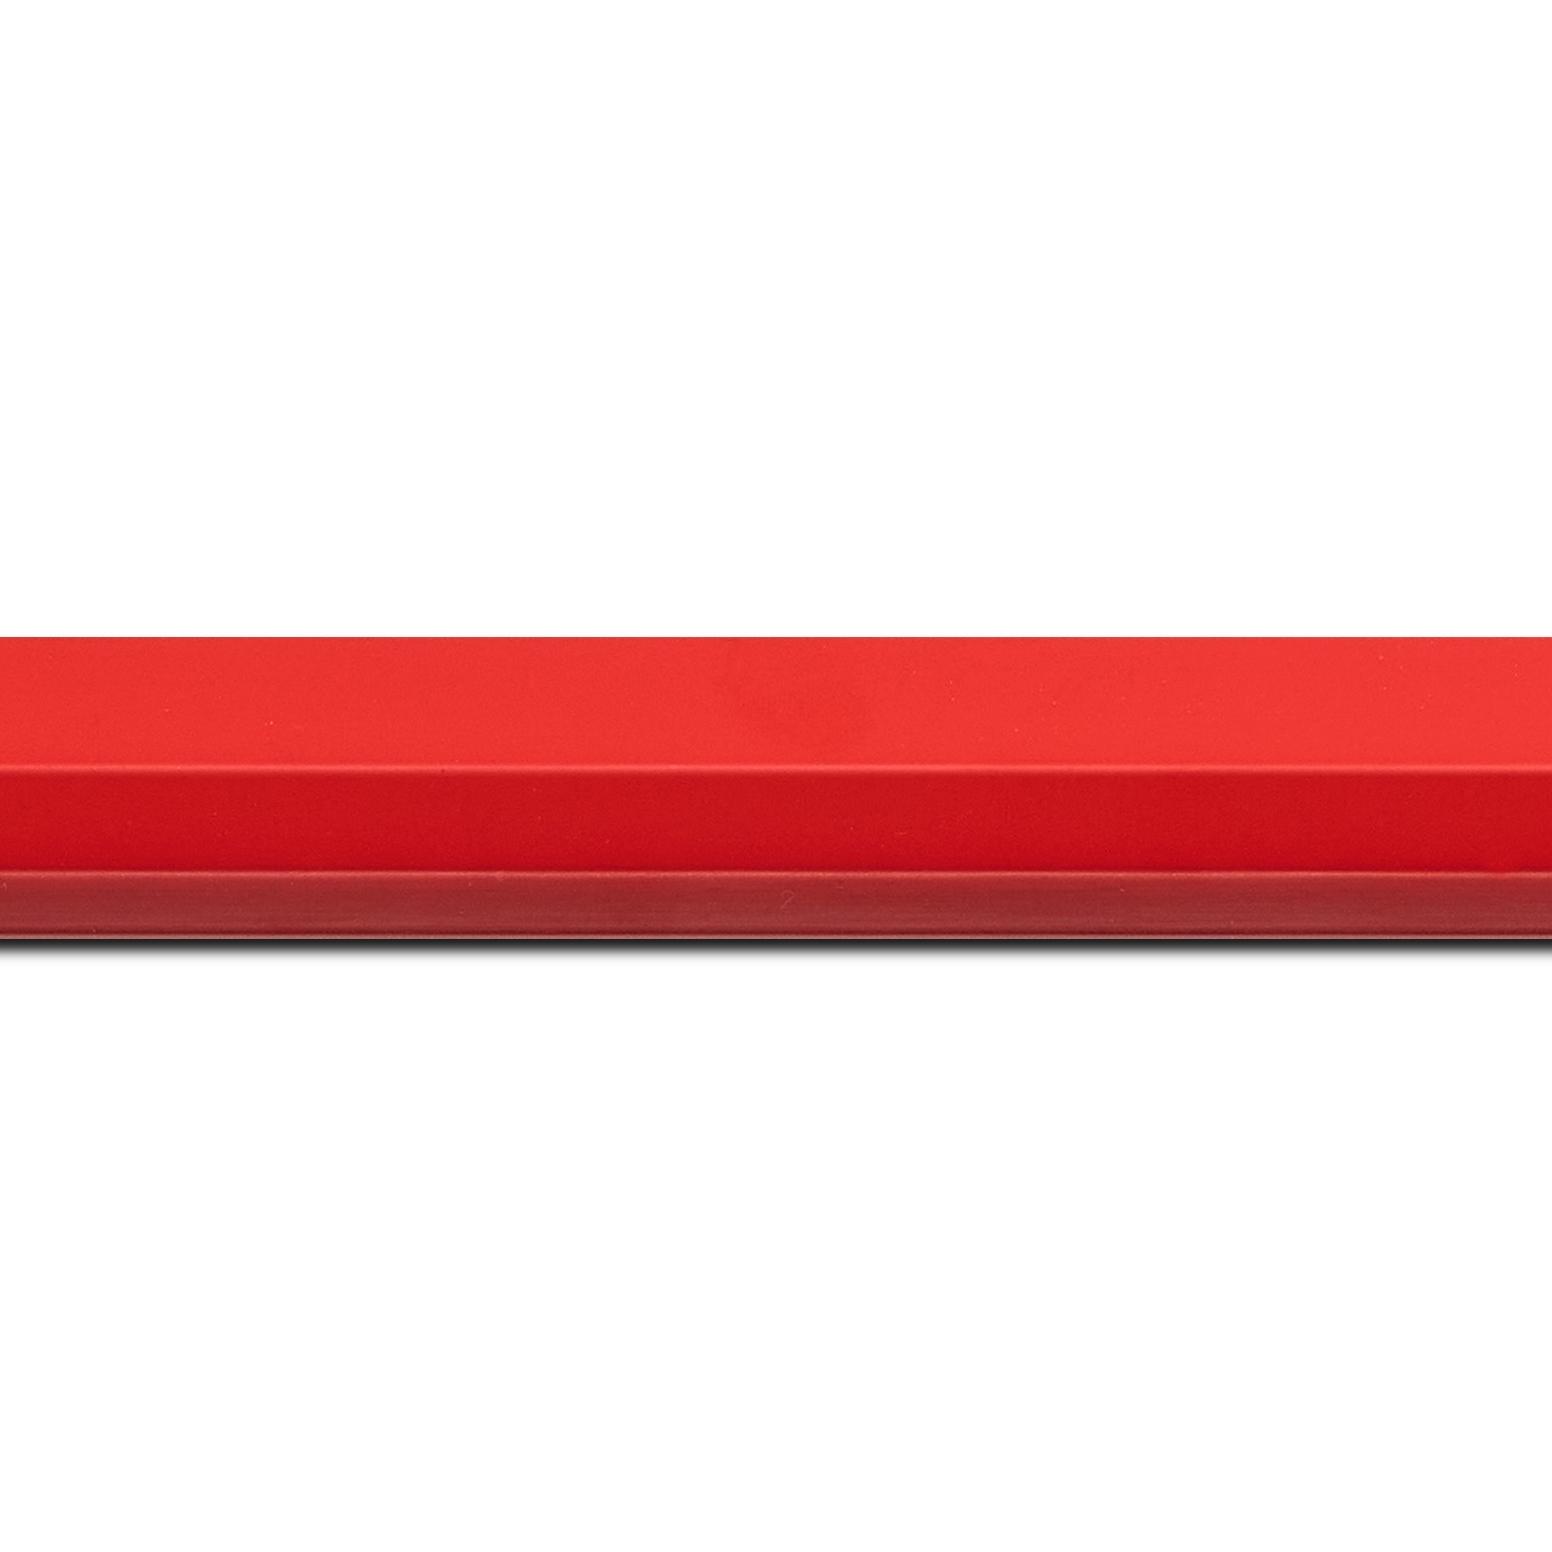 Pack par 12m, bois profil plat profil plat 3 faces largeur 2.8cm de couleur rouge , nez intérieur bordeaux dégradé (longueur baguette pouvant varier entre 2.40m et 3m selon arrivage des bois)